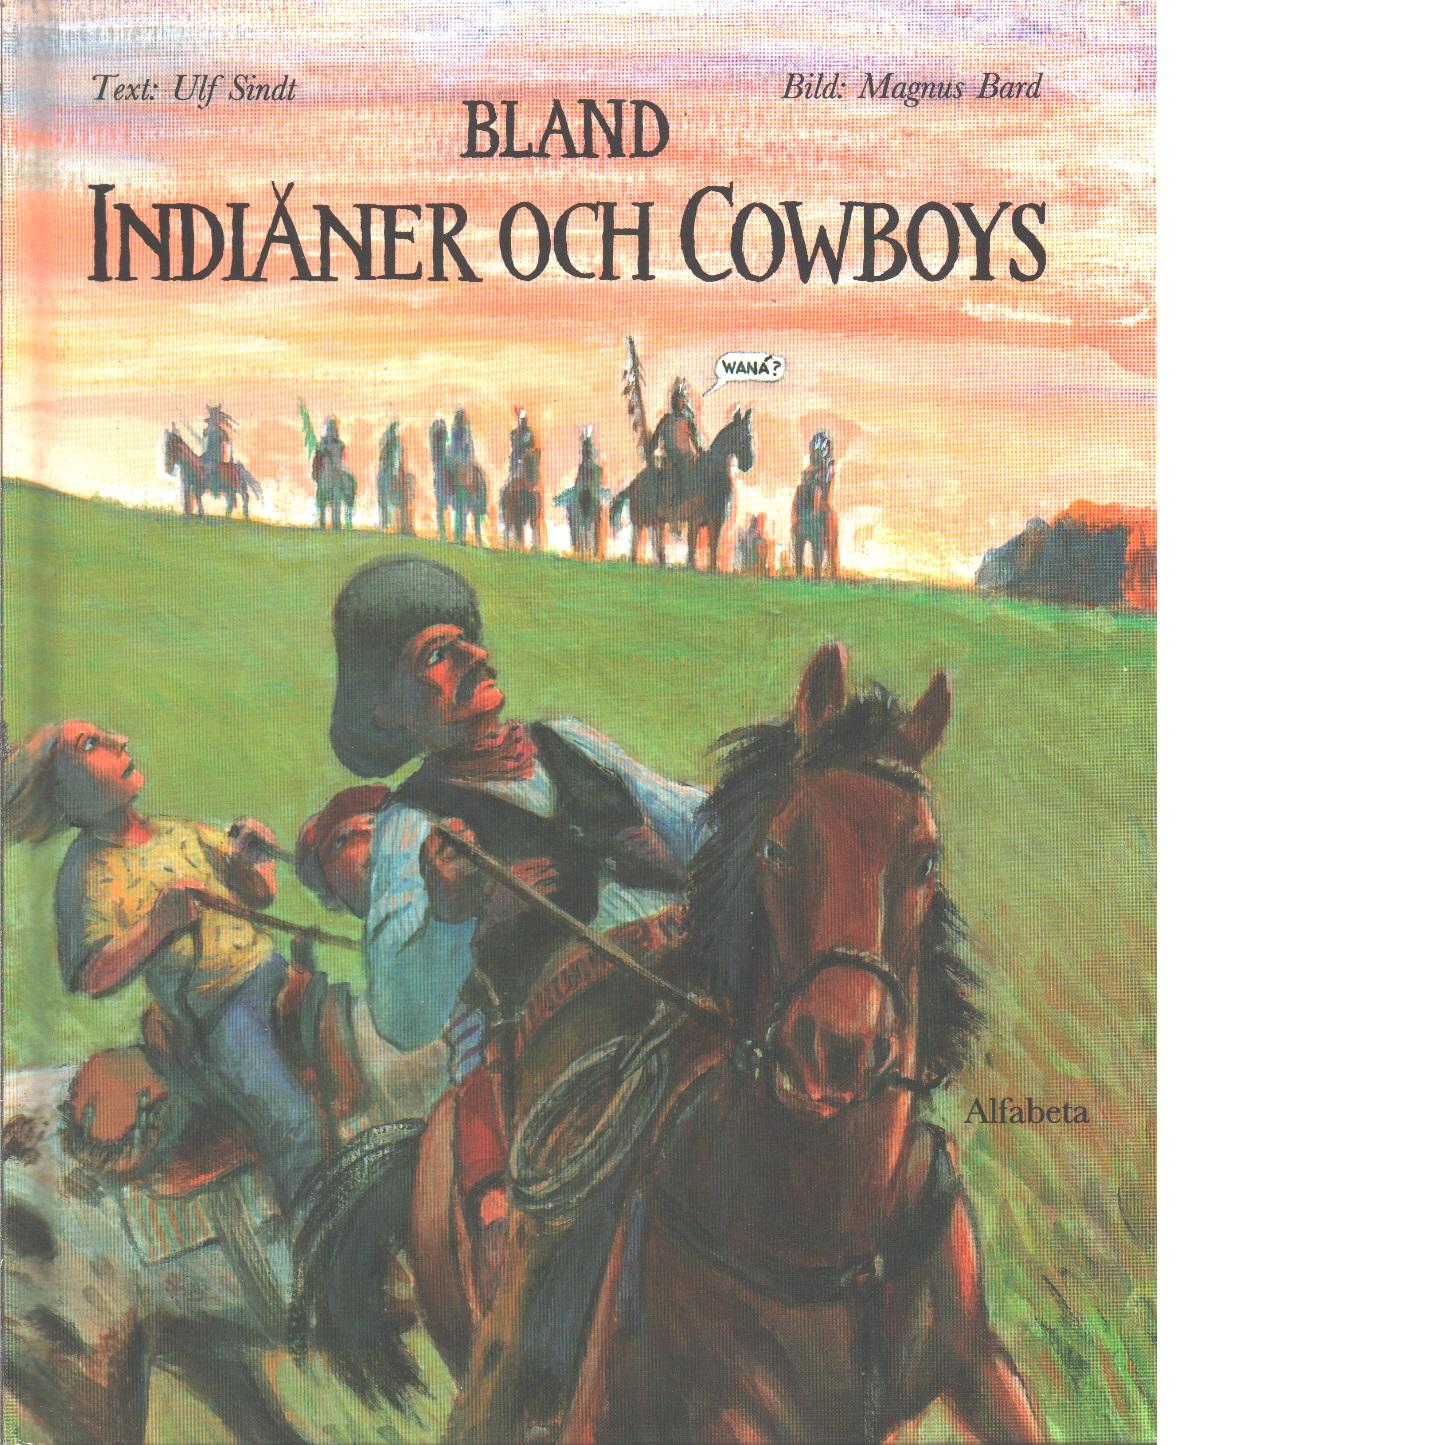 Bland indianer och cowboys - Sindt, Ulf och Bard, Magnus